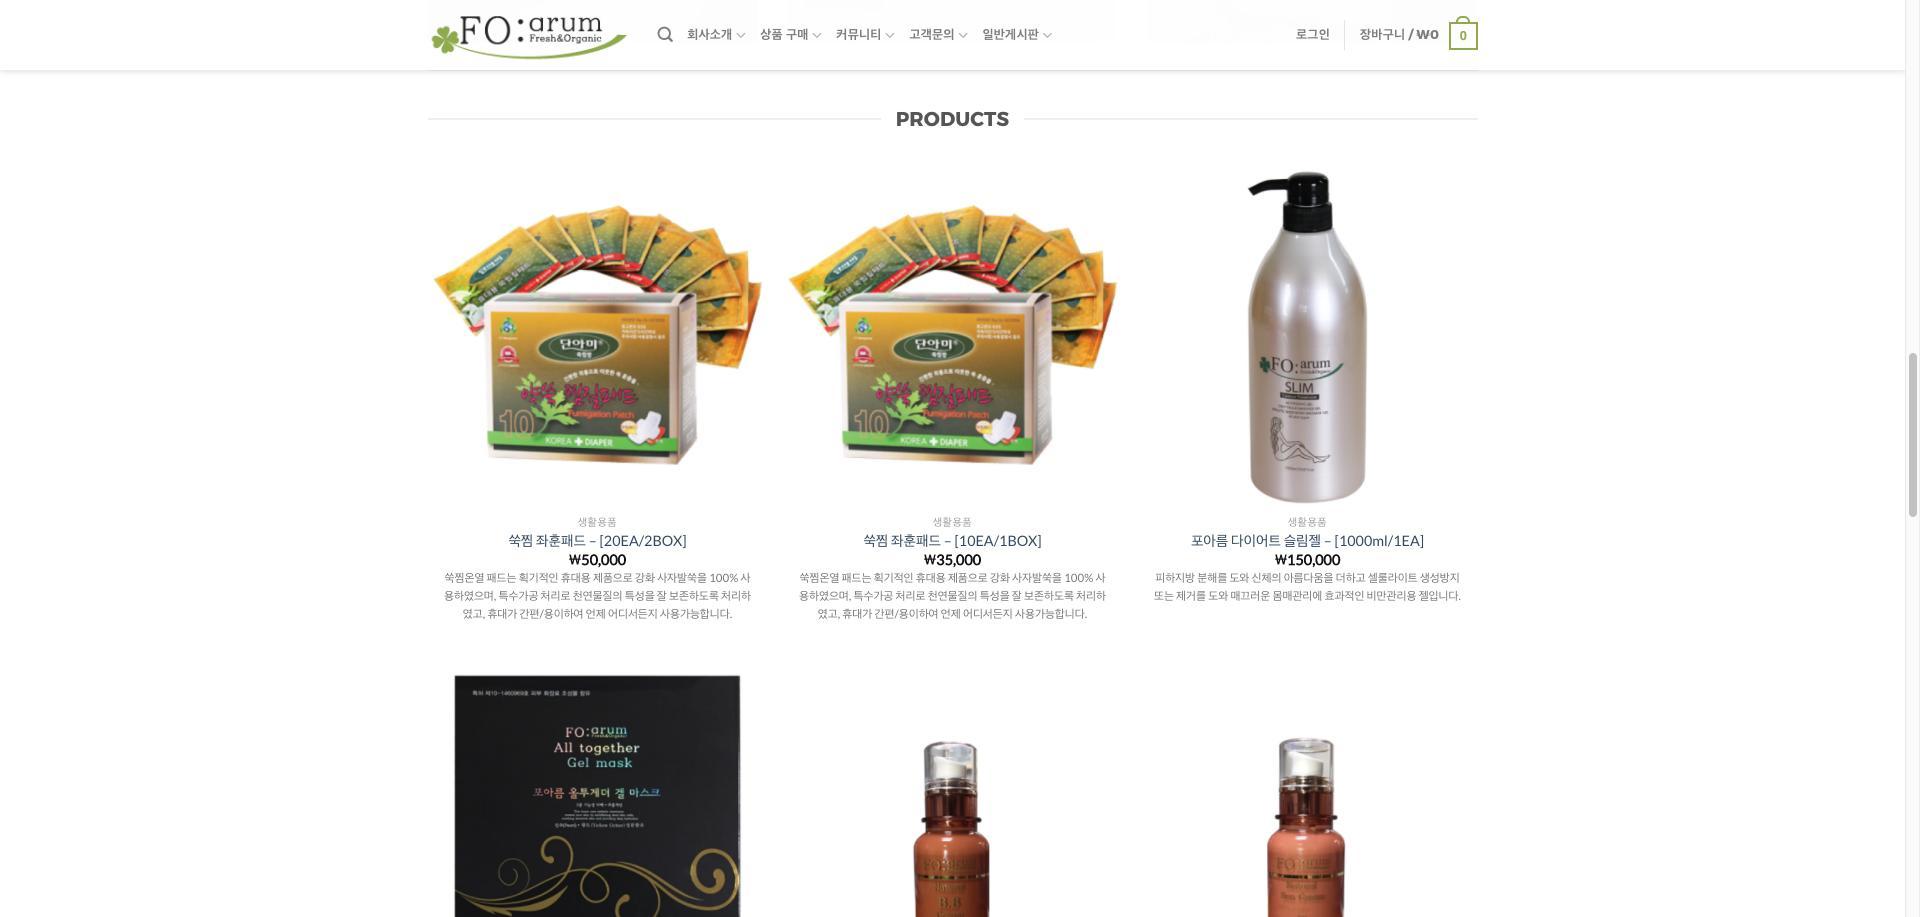 foarum Fresh&Organic (5)